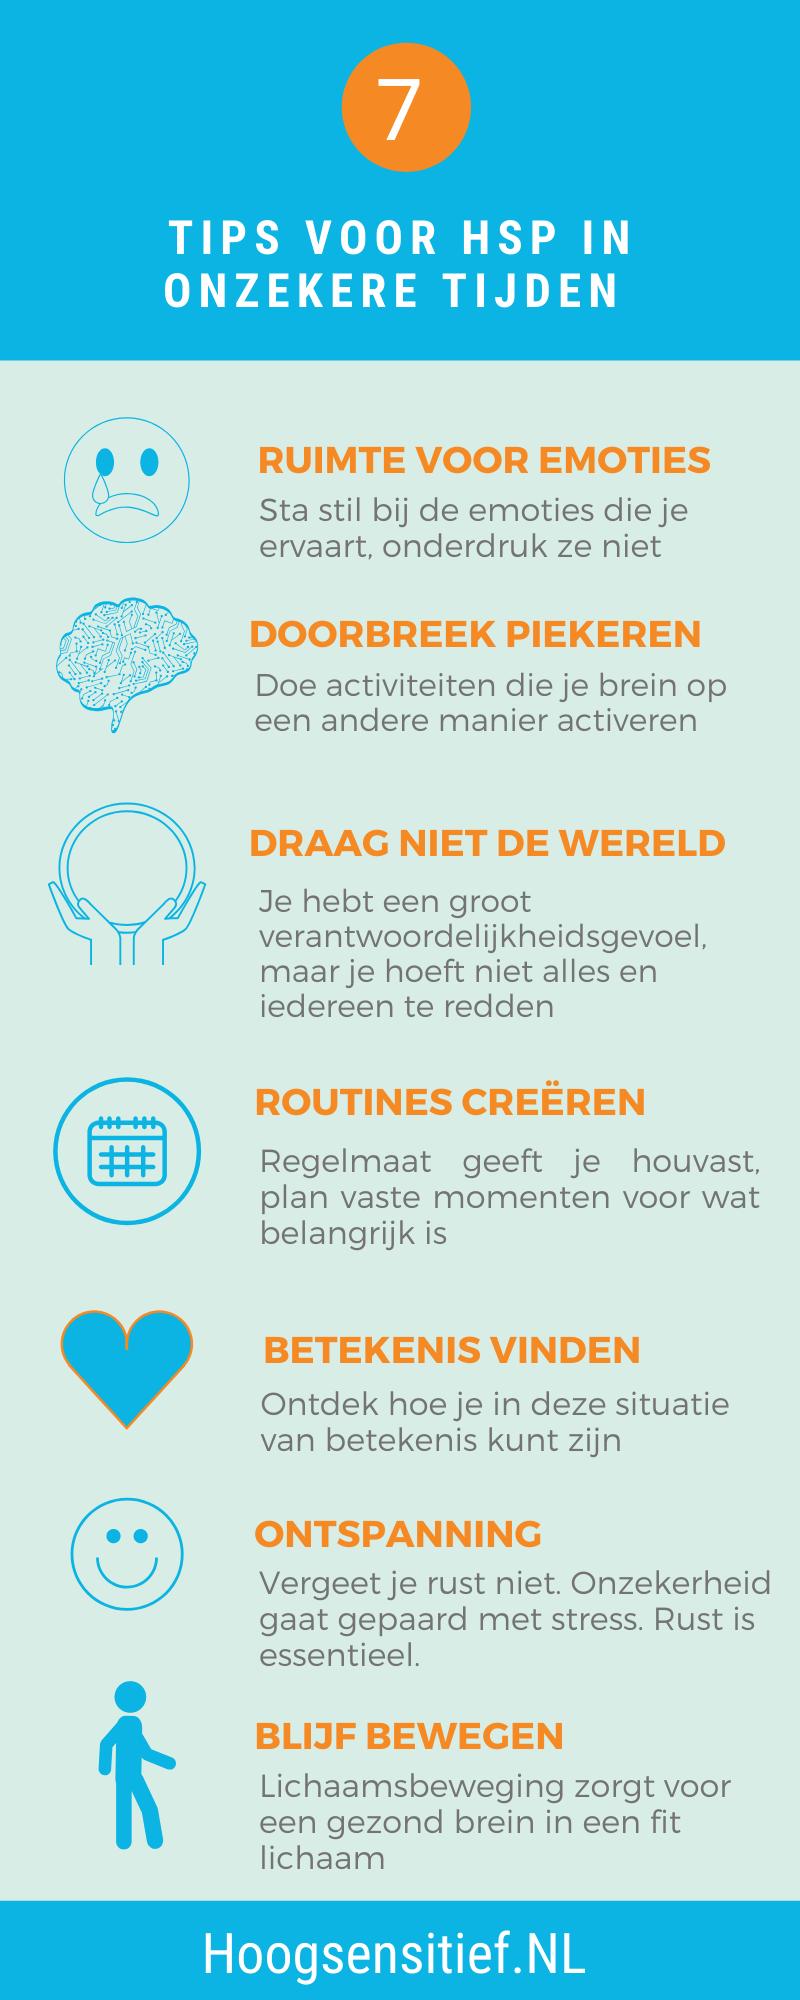 7 tips voor HSP in onzekere tijden ⋆ Hoogsensitief.NL